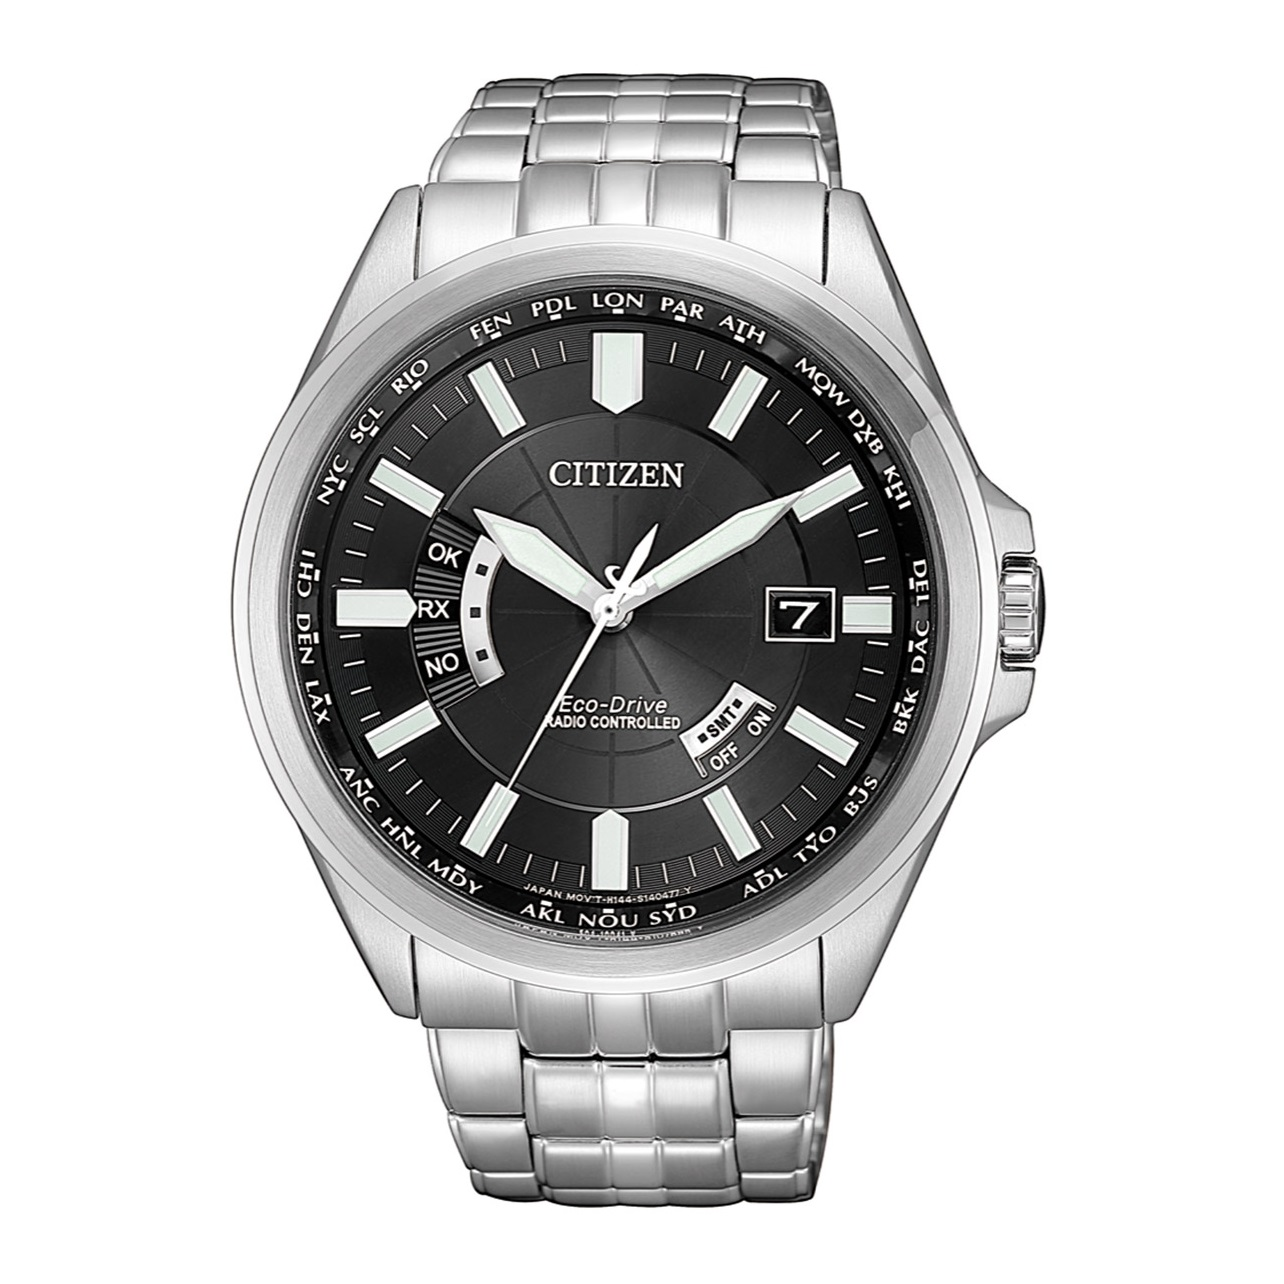 ساعت مچی عقربه ای مردانه سیتی زن مدل CB0180-88E